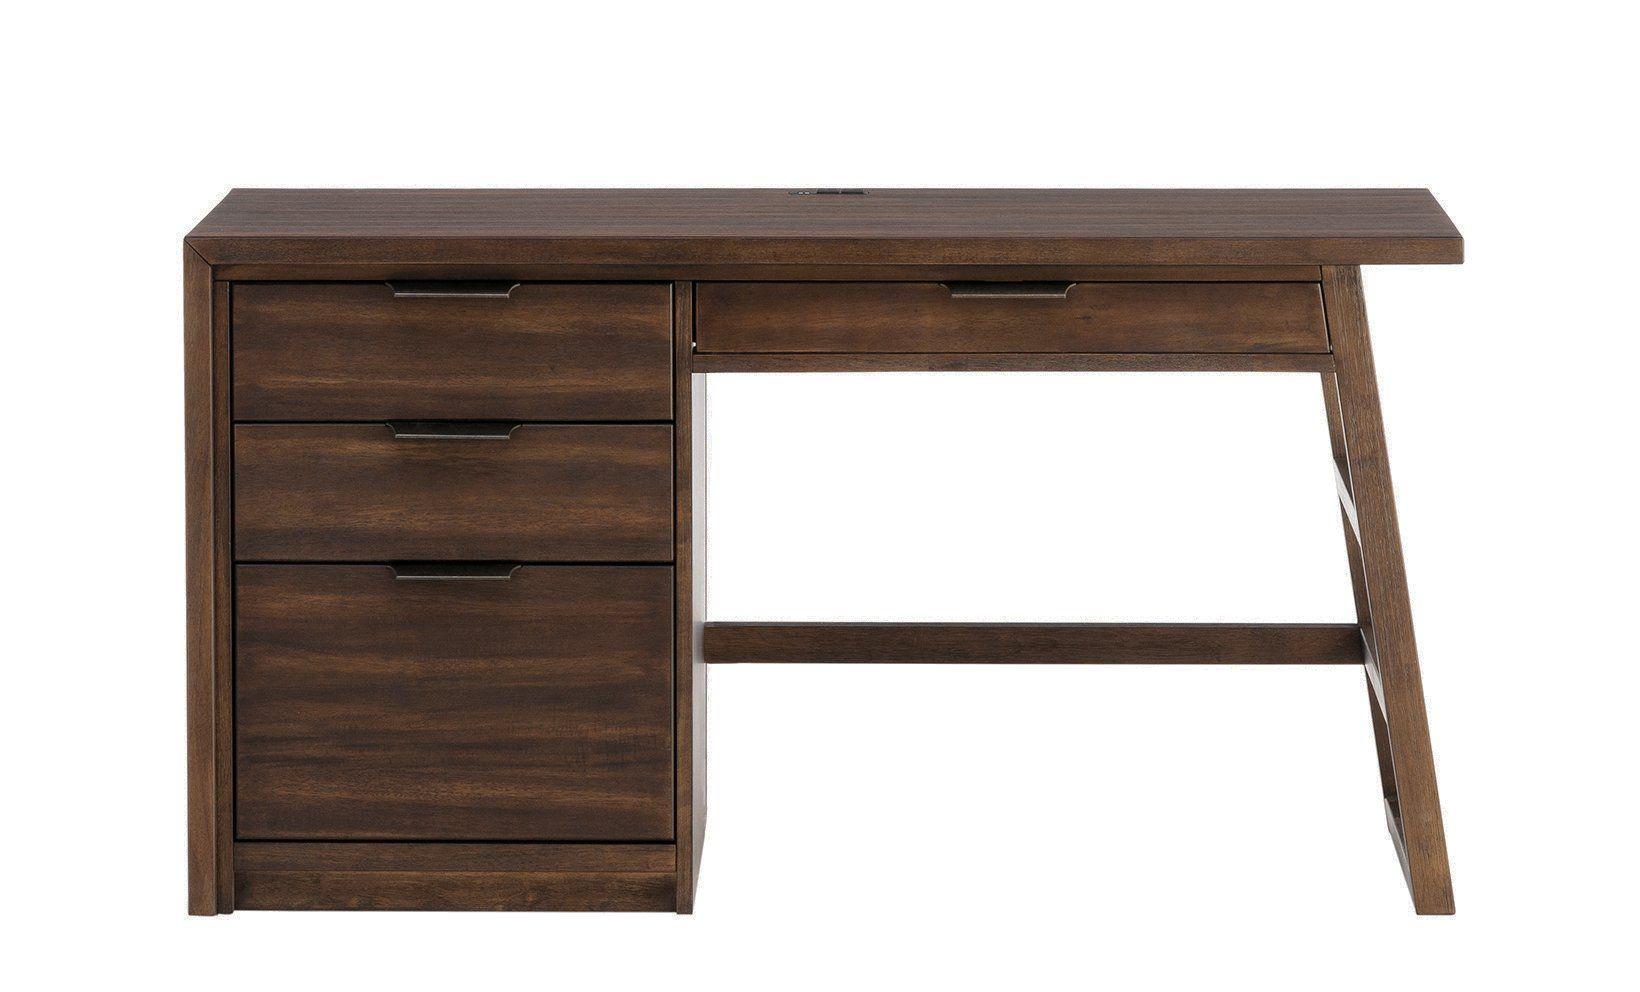 Perspectives brushed acacia single pedestal desk